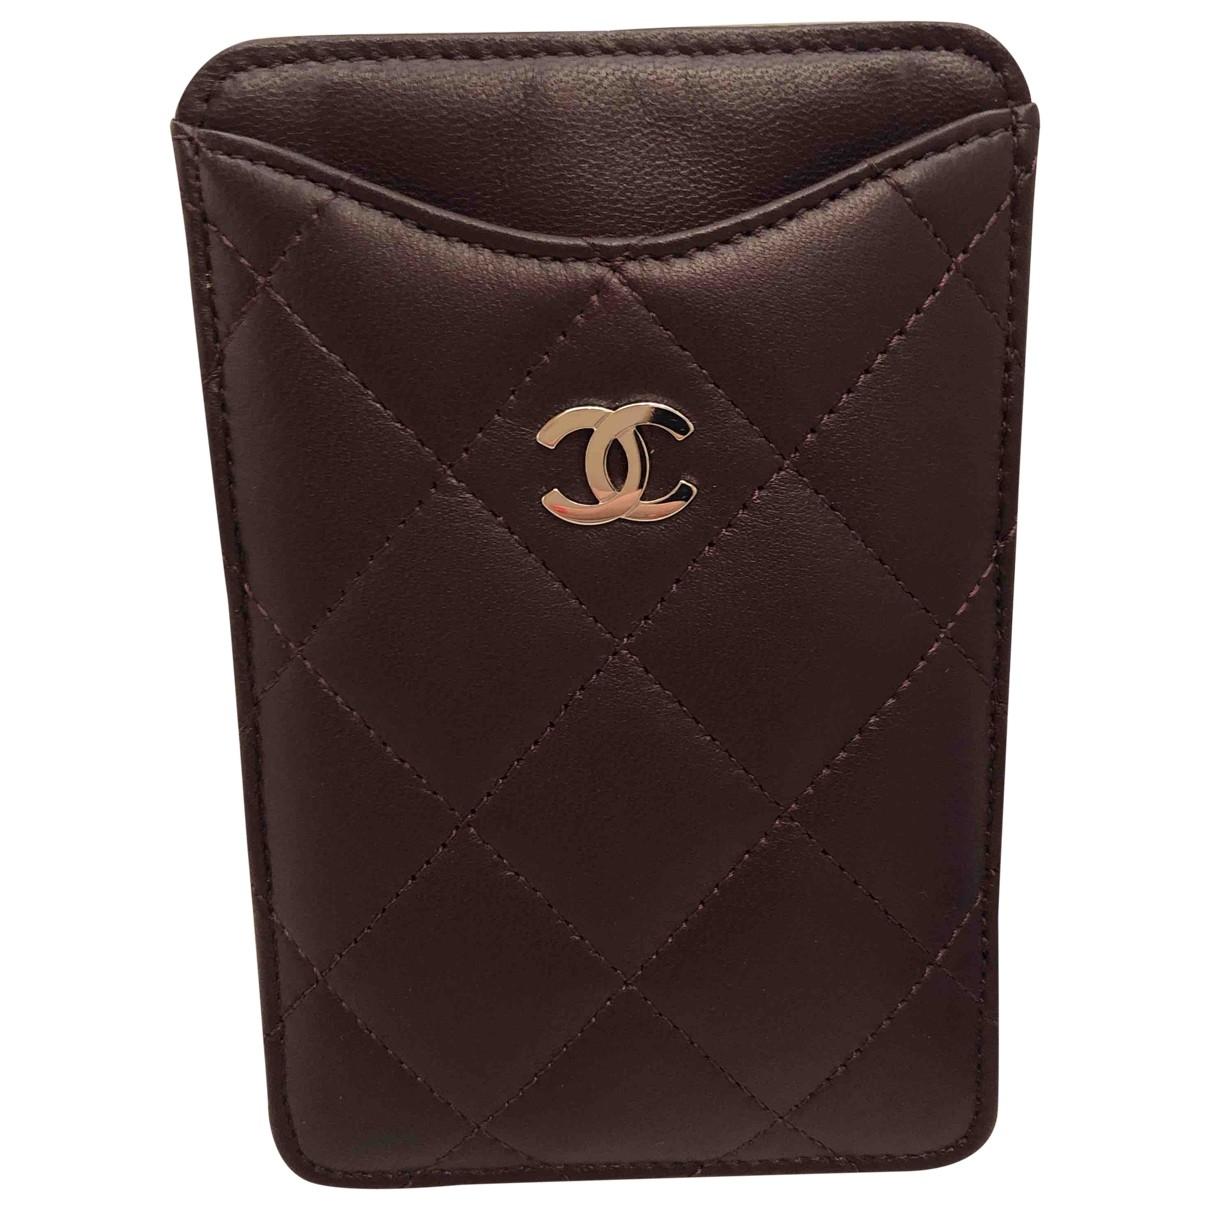 Chanel - Accessoires   pour lifestyle en cuir - violet